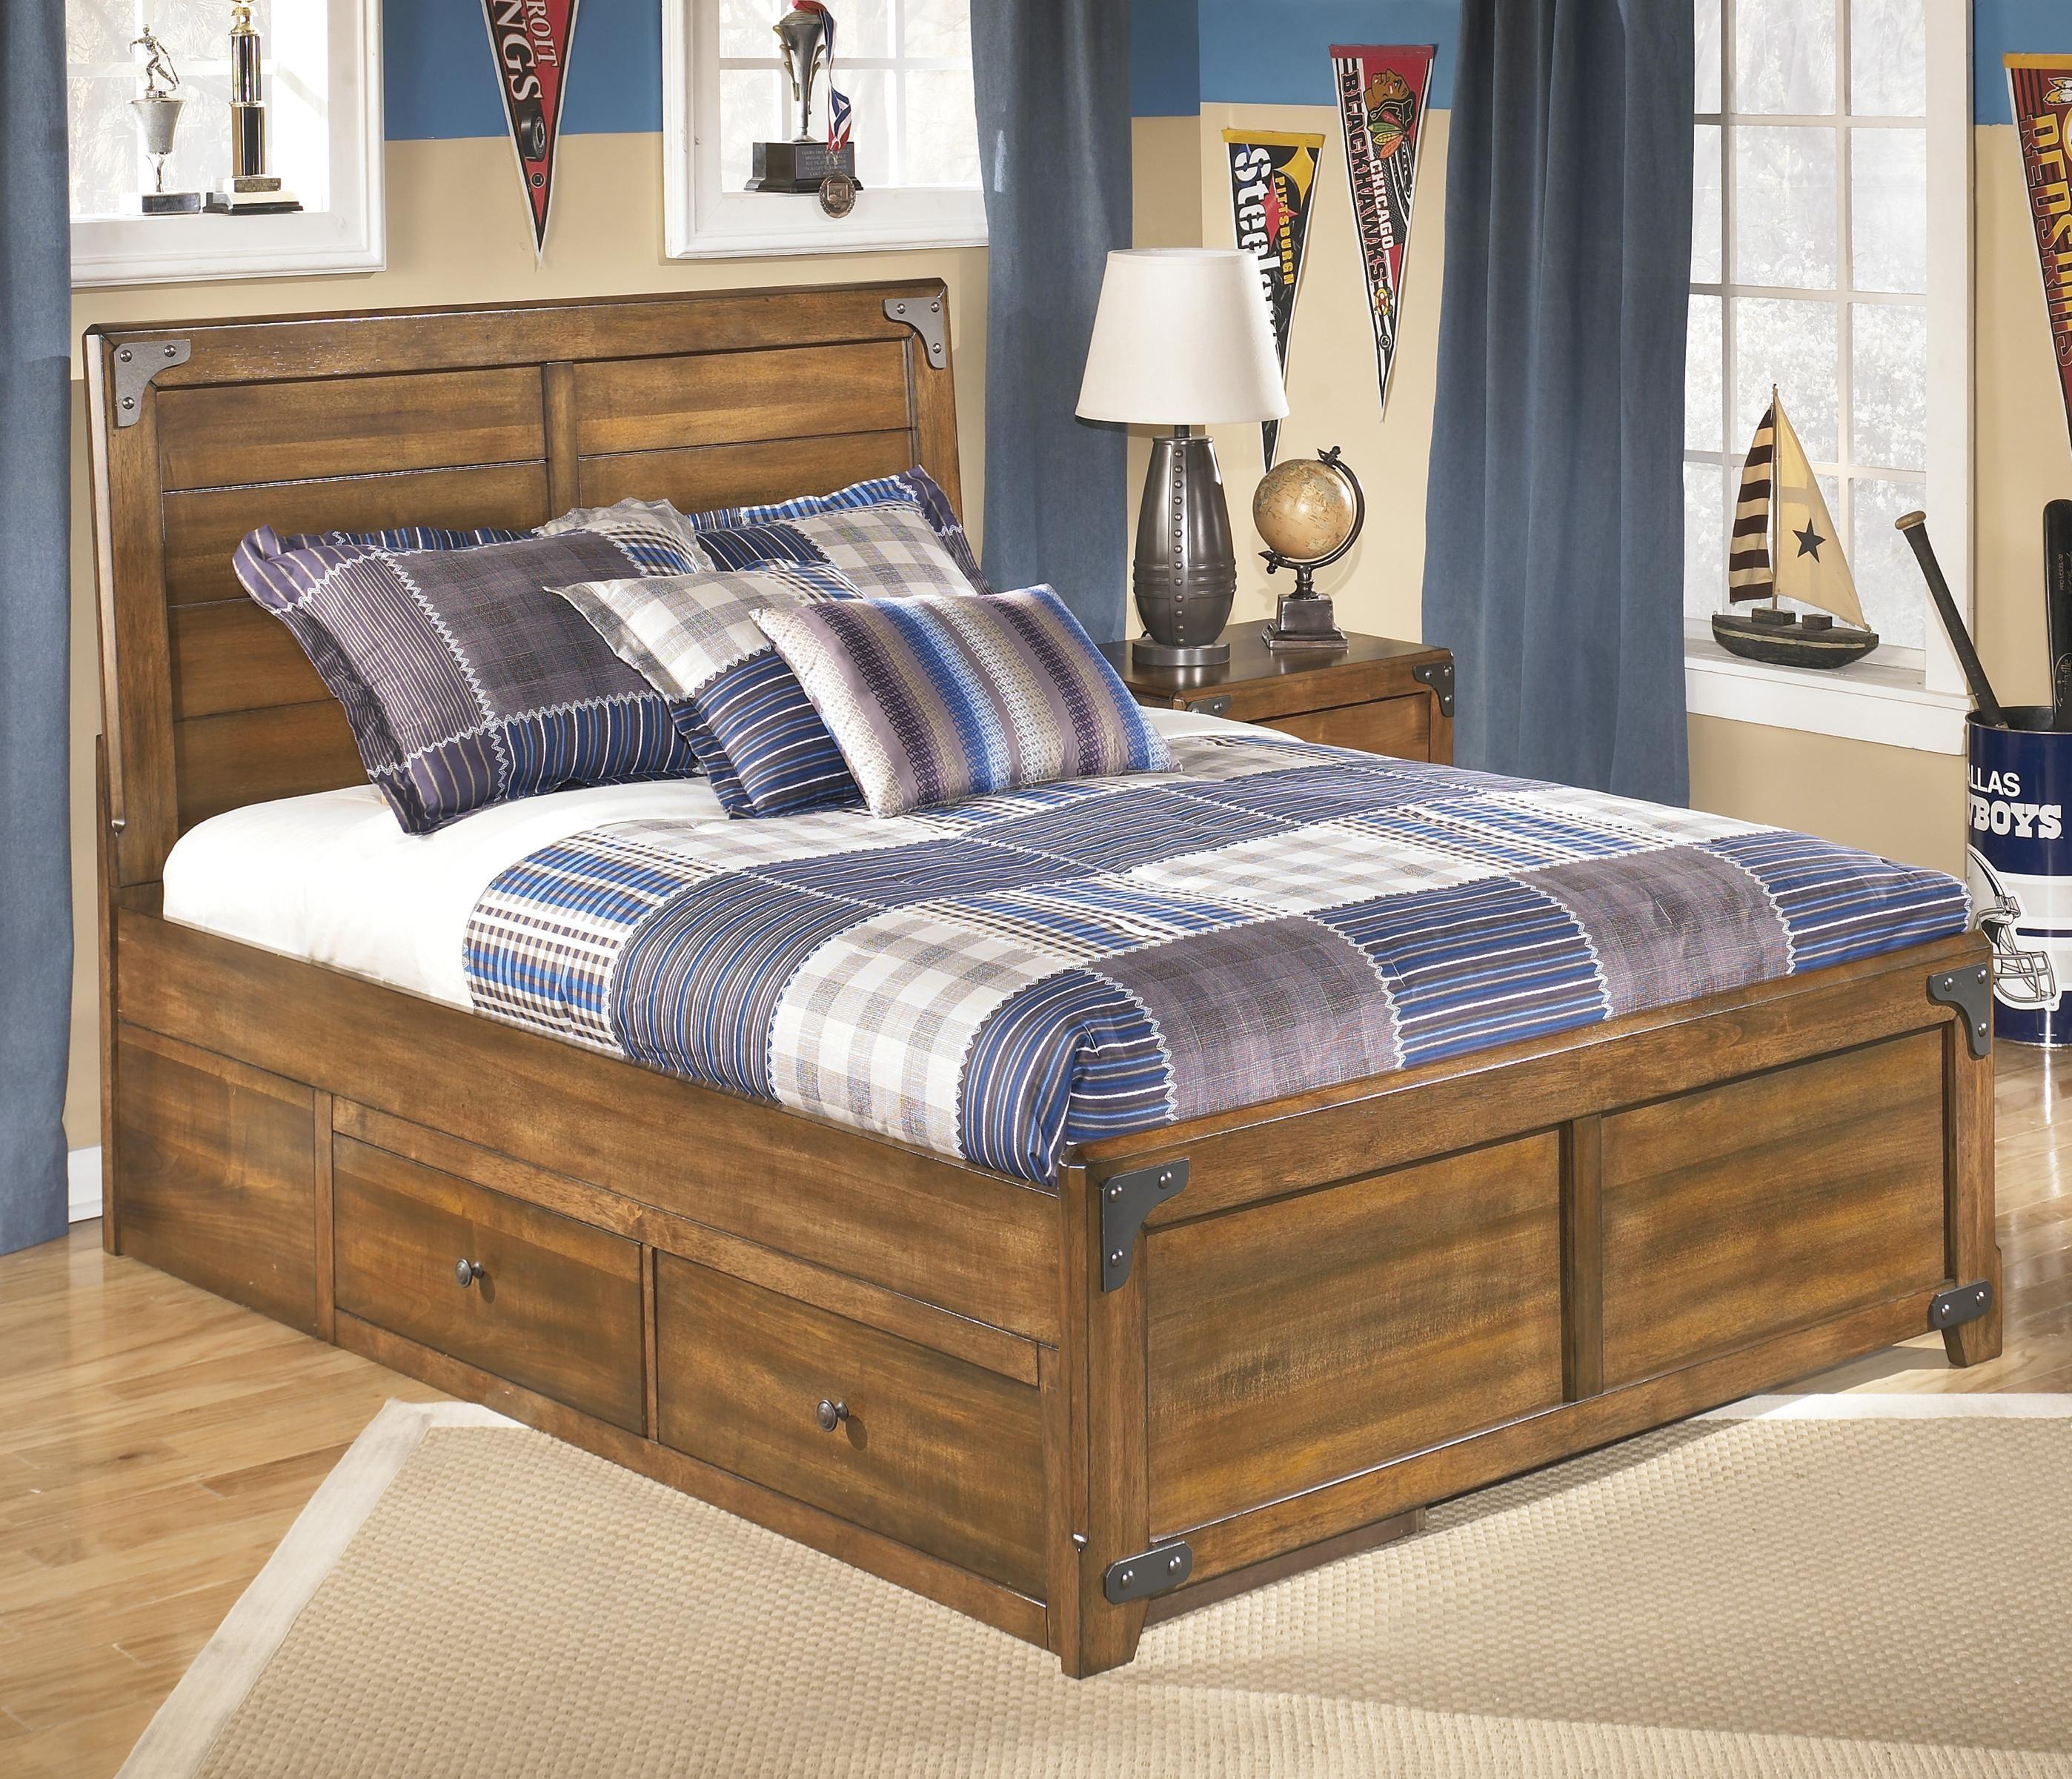 Delburne Full Platform Pedestal Bed with Storage by